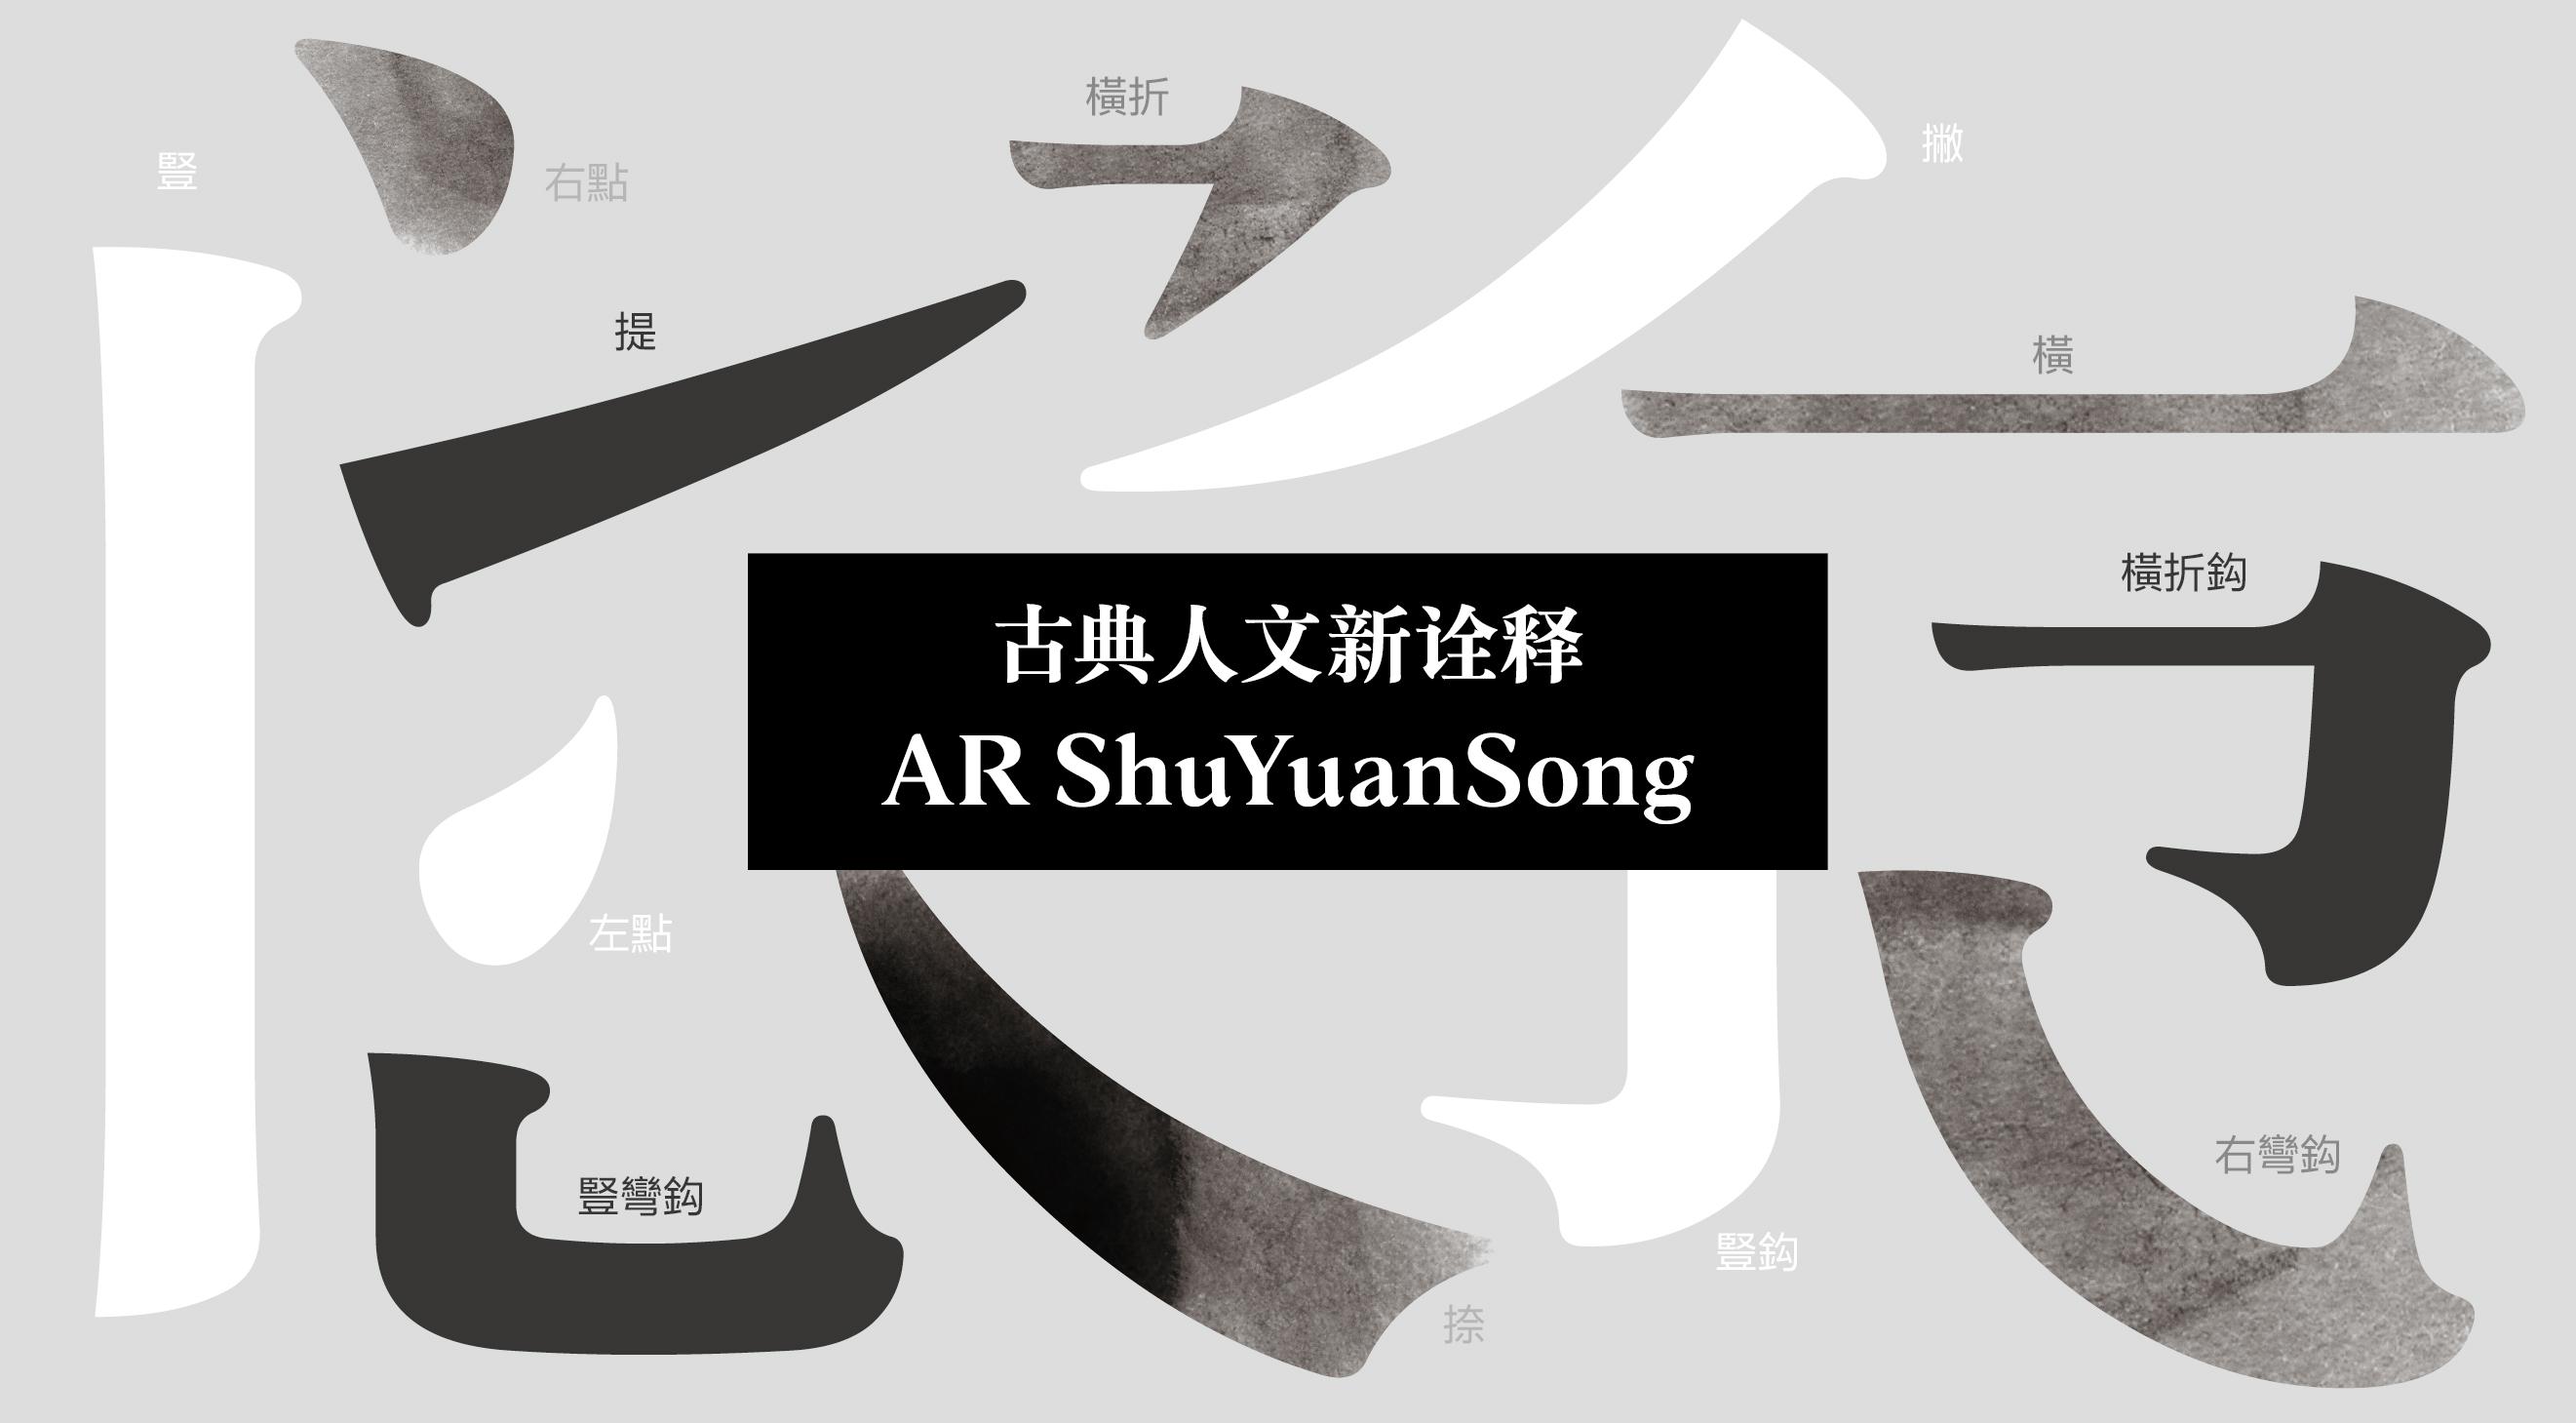 文鼎书苑宋H16G30_HAR ShuYuanSongH16G30 HV